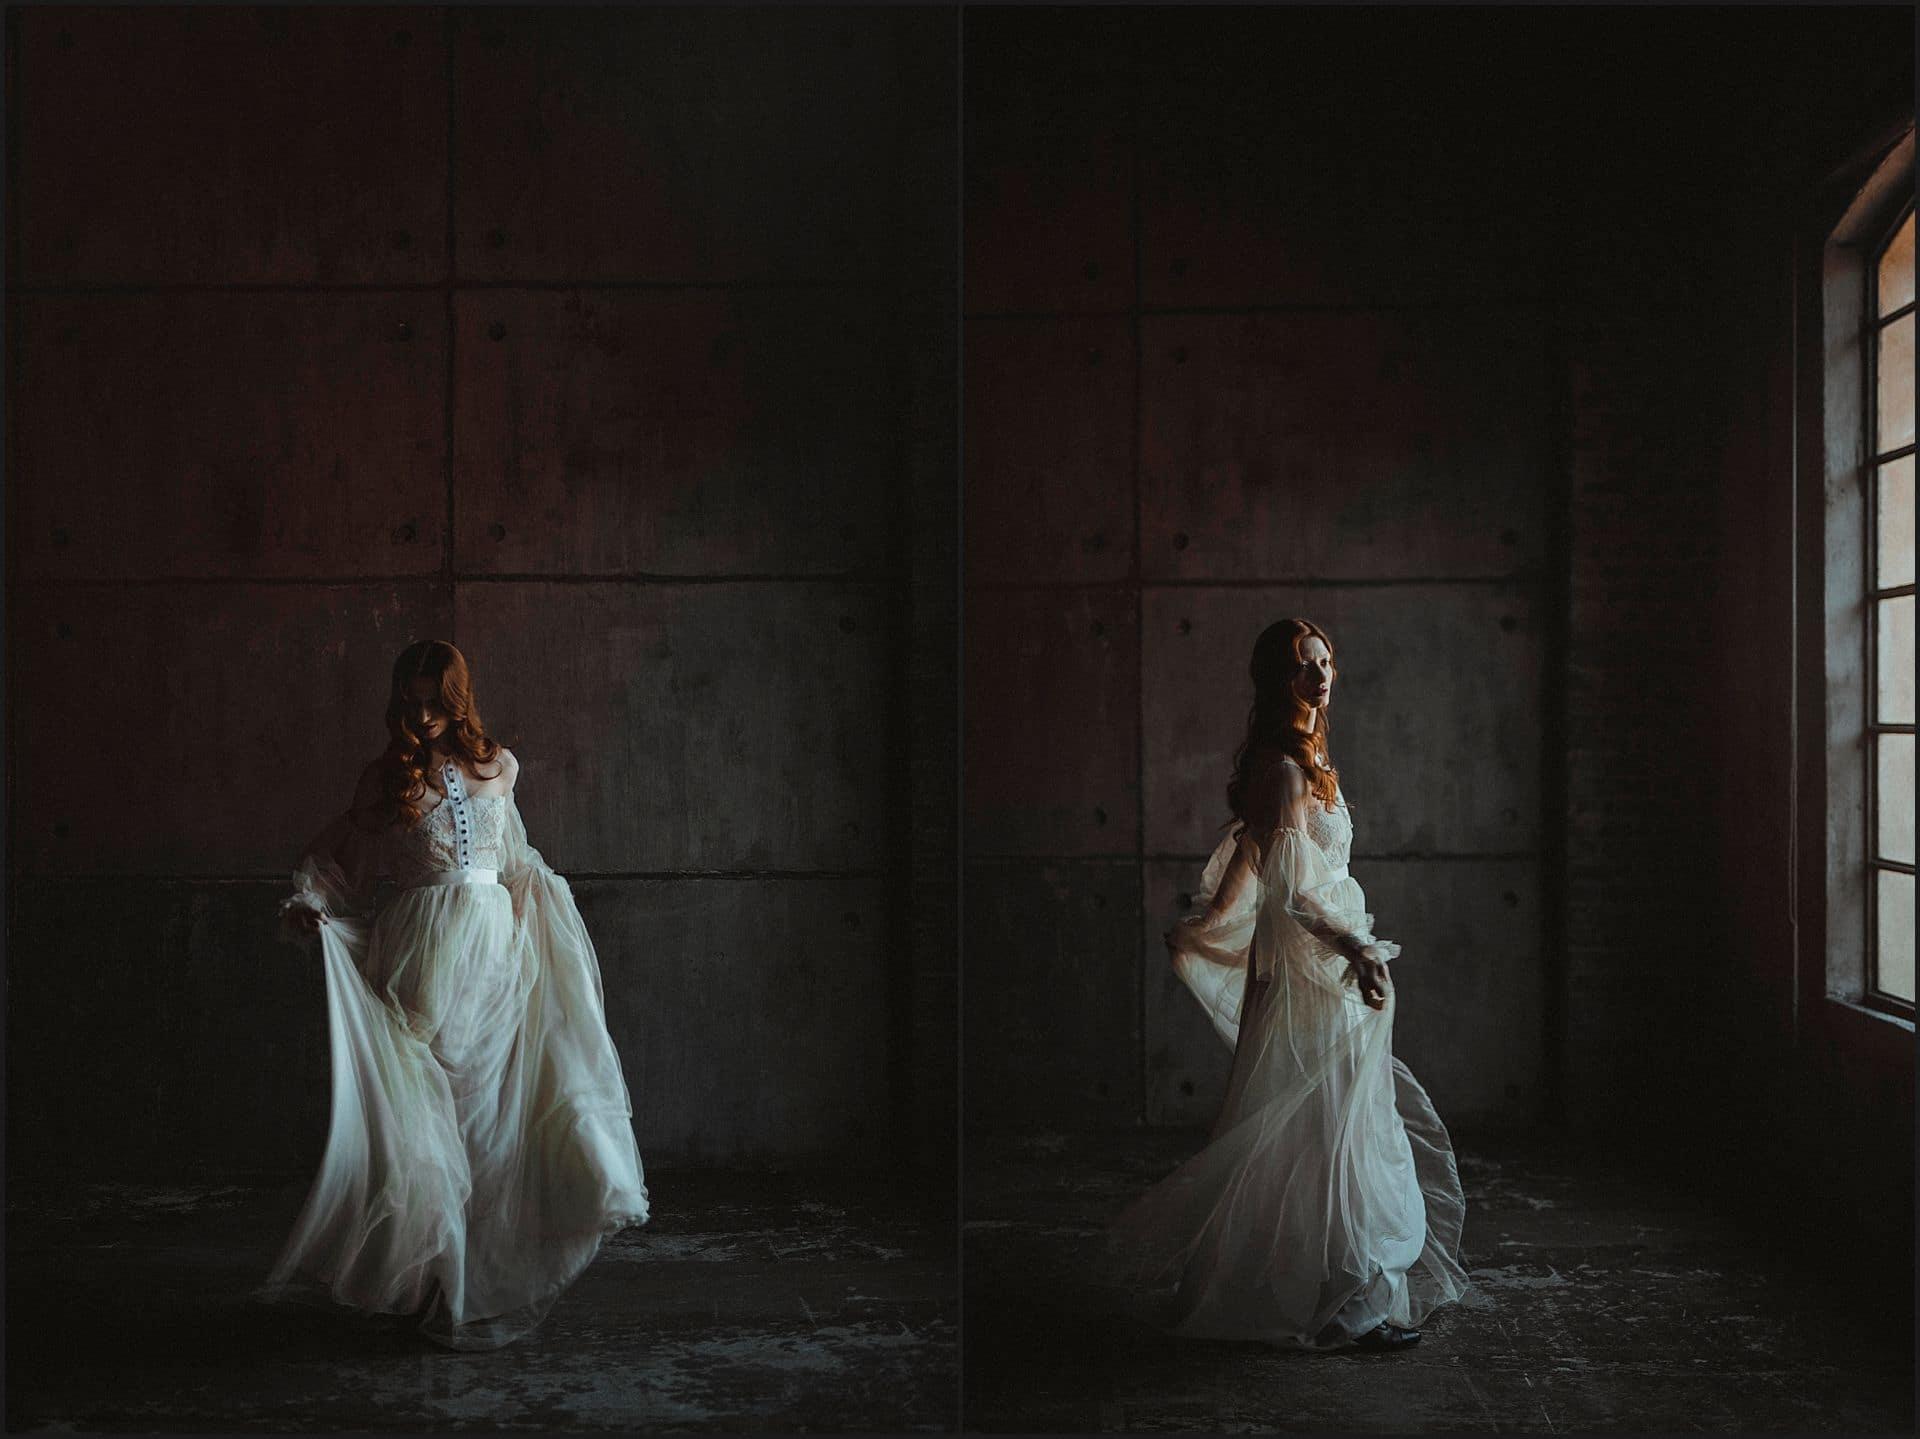 dancing, wedding dress, bride portrait, dancing, unconventional wedding, cross studio, milan, wedding photographer, wedding in italy